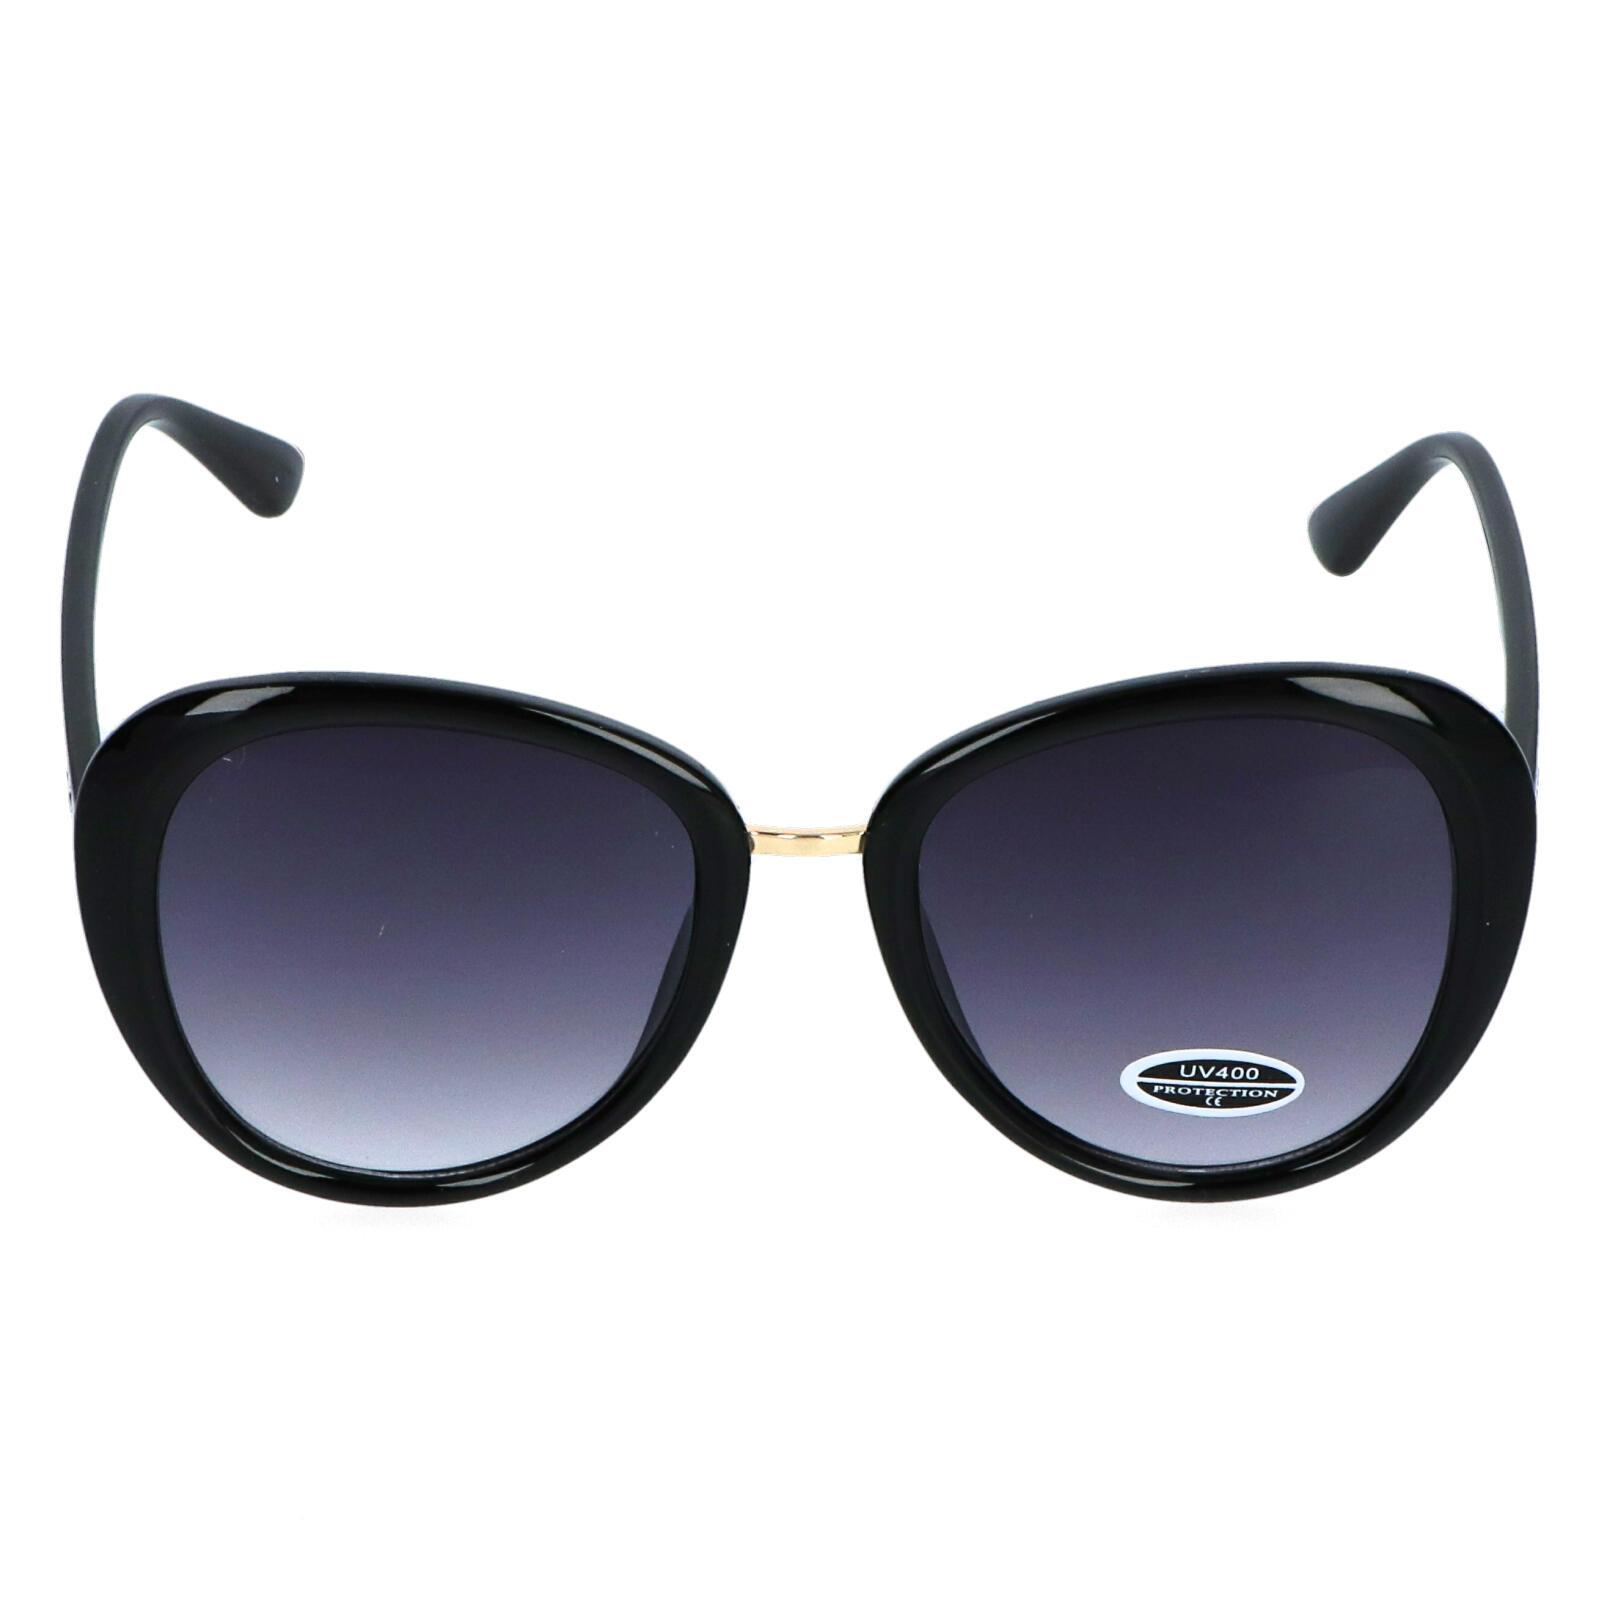 Dámské sluneční brýle černé - S3336 černá